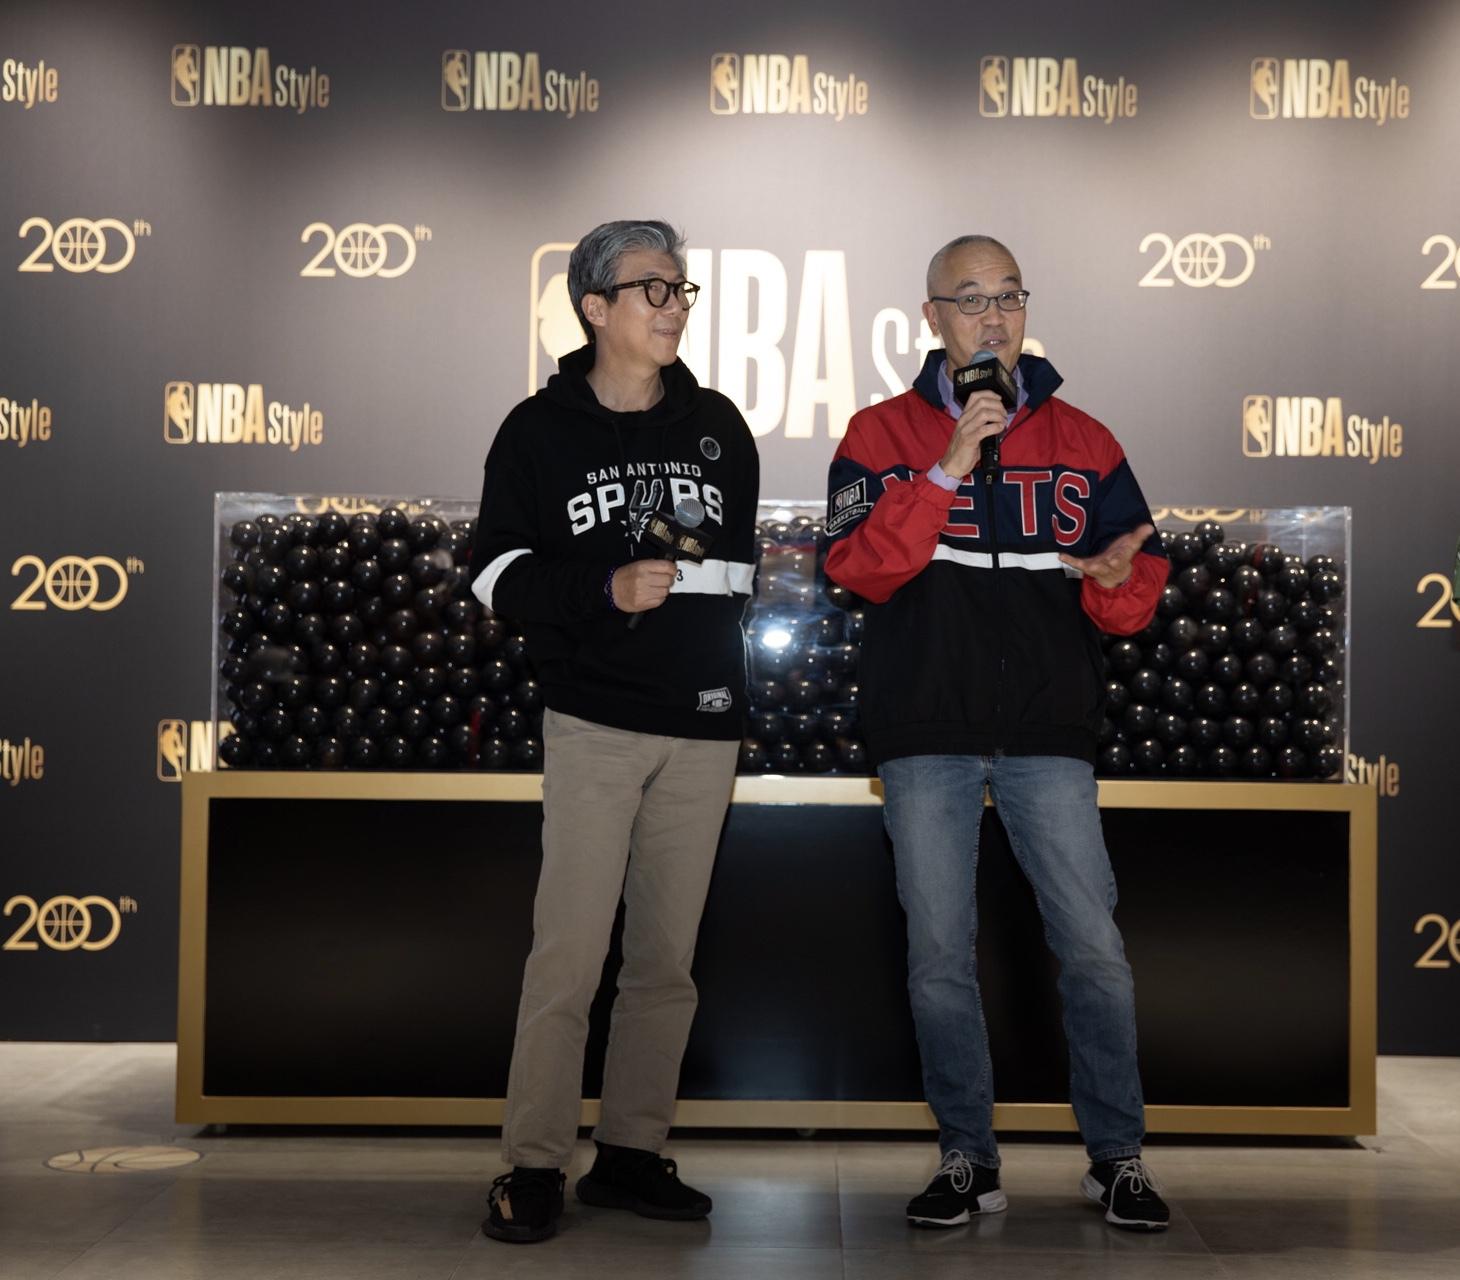 潮流服饰,NBA潮流服装店推出全新NBA Style标志专注时尚生活领域